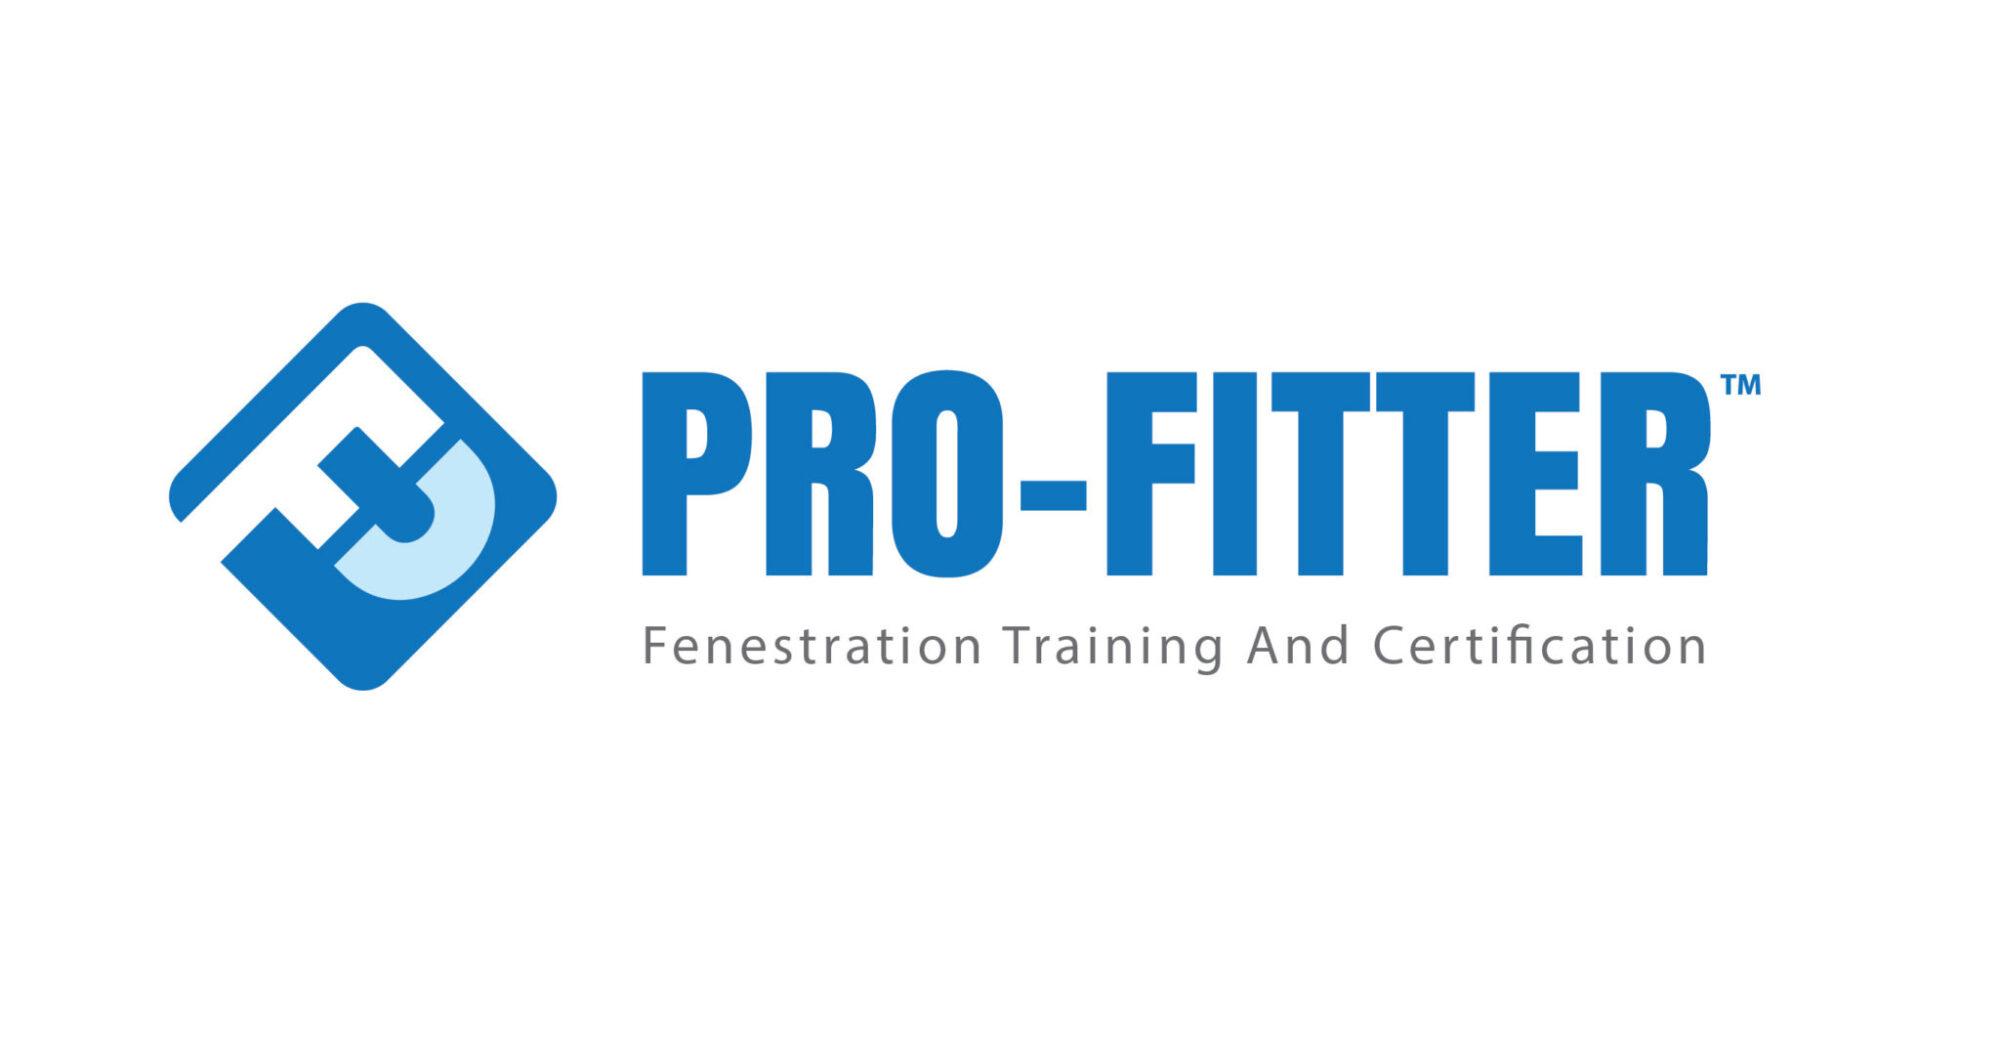 PRO FITTER logo